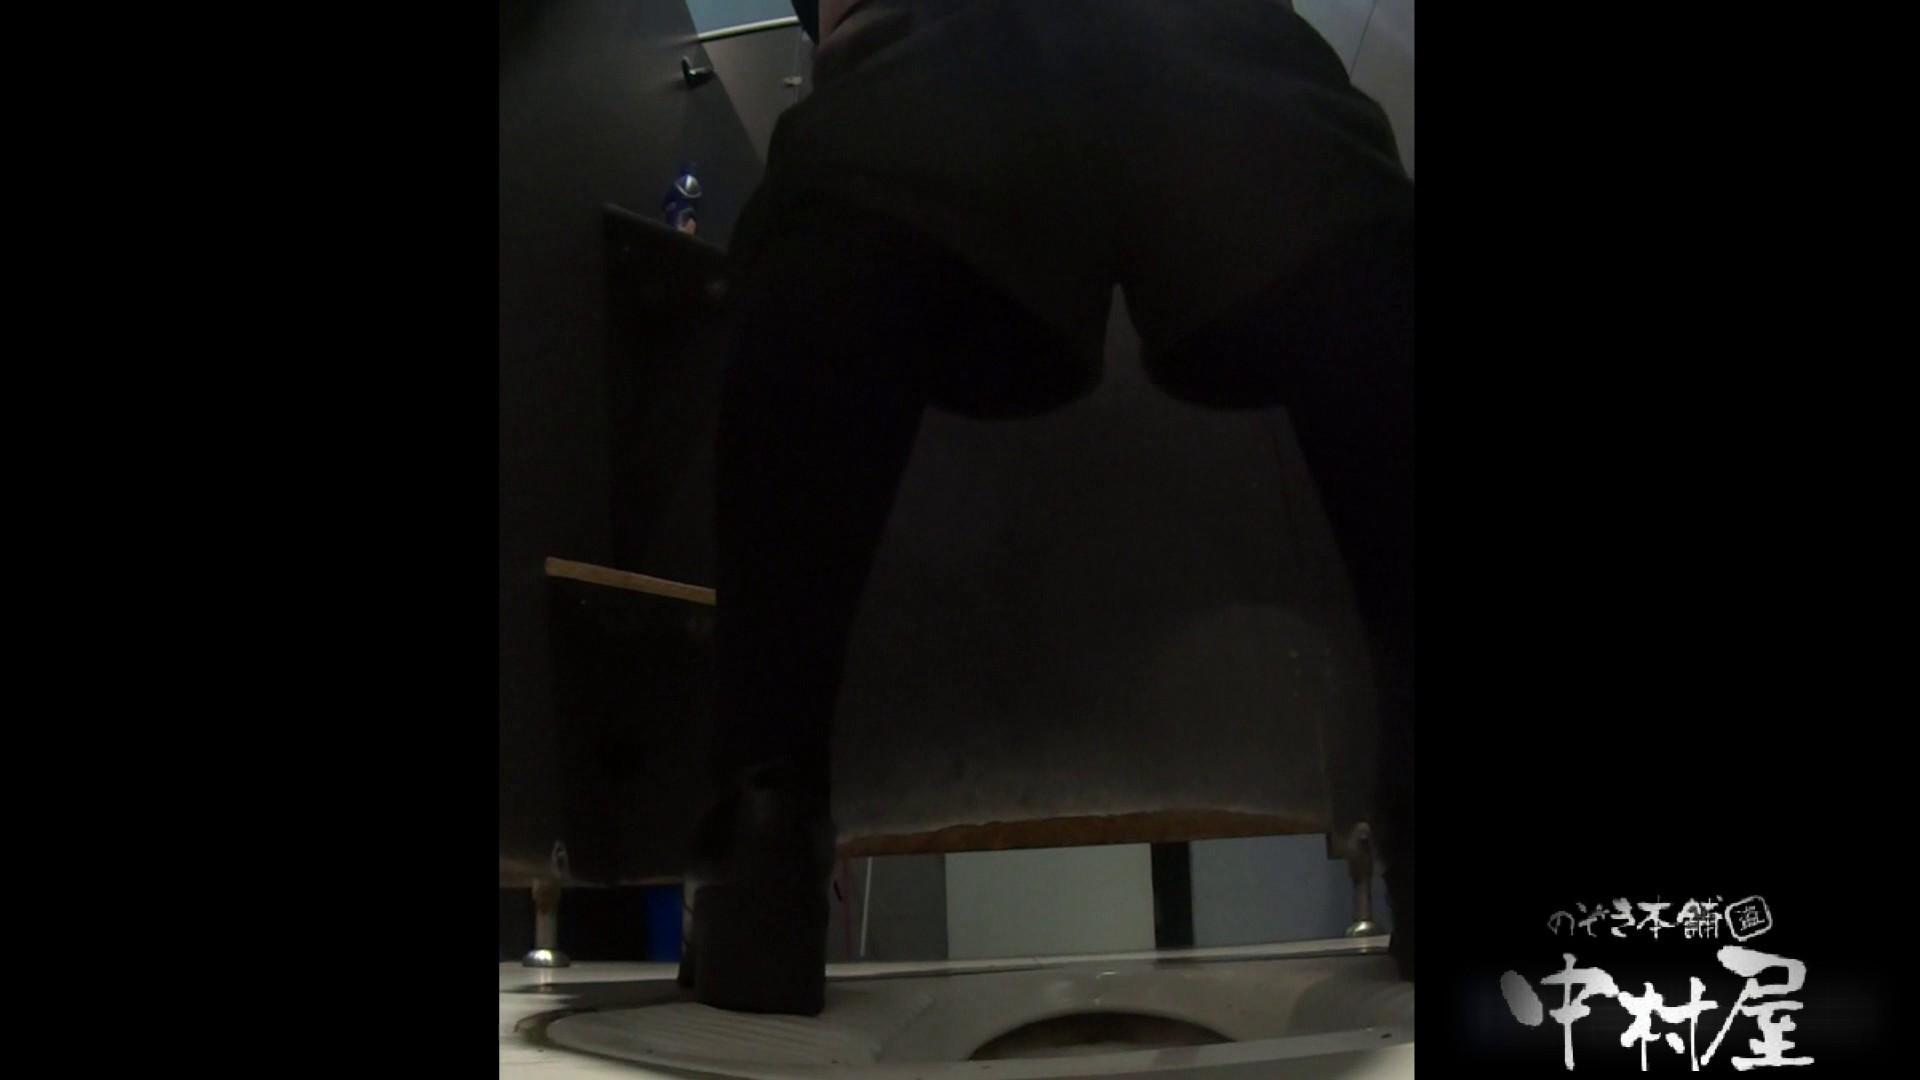 立ち膝でオシッコピュー!はみ出しています。大学休憩時間の洗面所事情19 盗撮  64画像 40